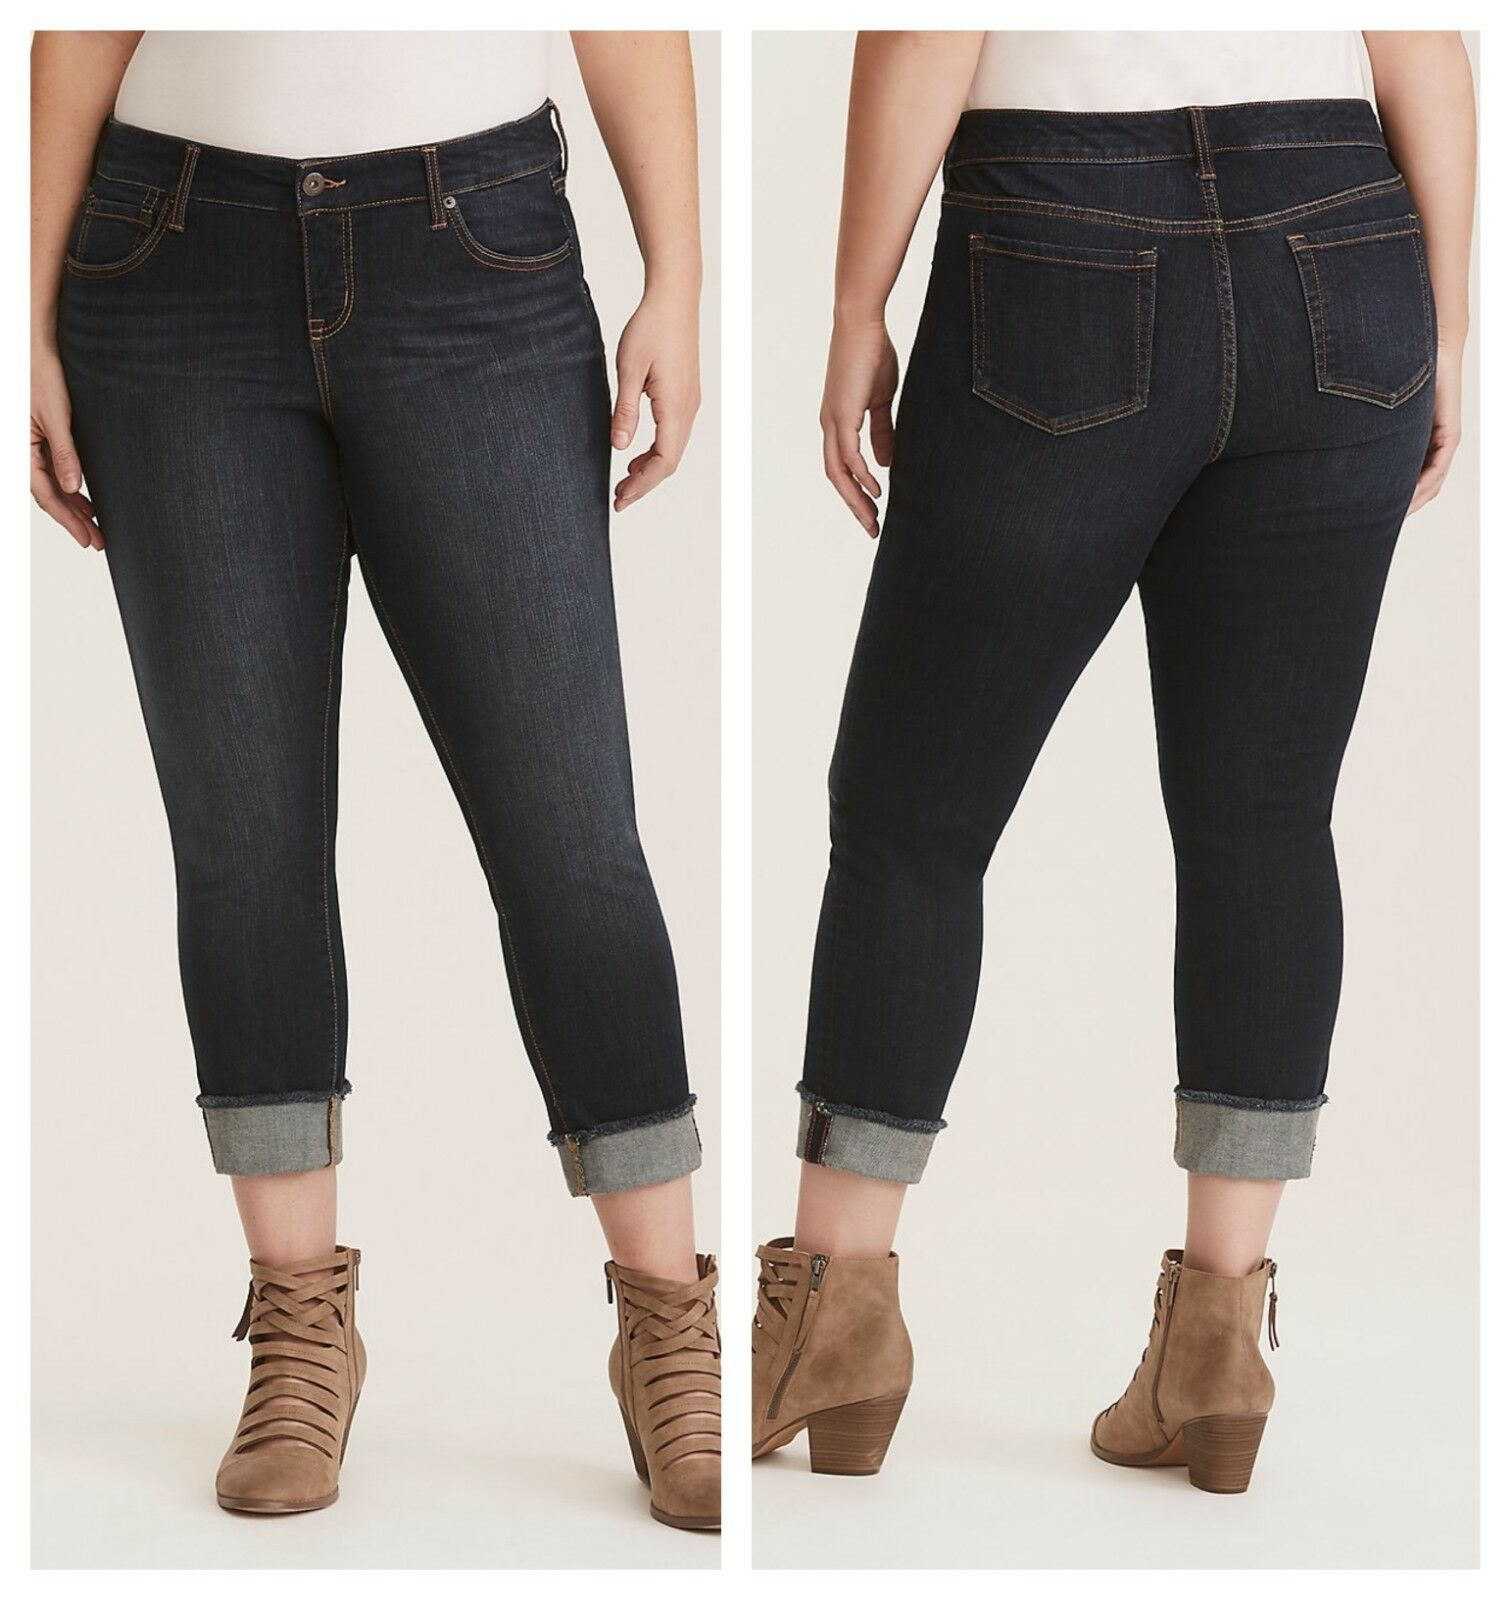 Torrid Premium Stretch Boyfriend Jeans Everglades 1X 16